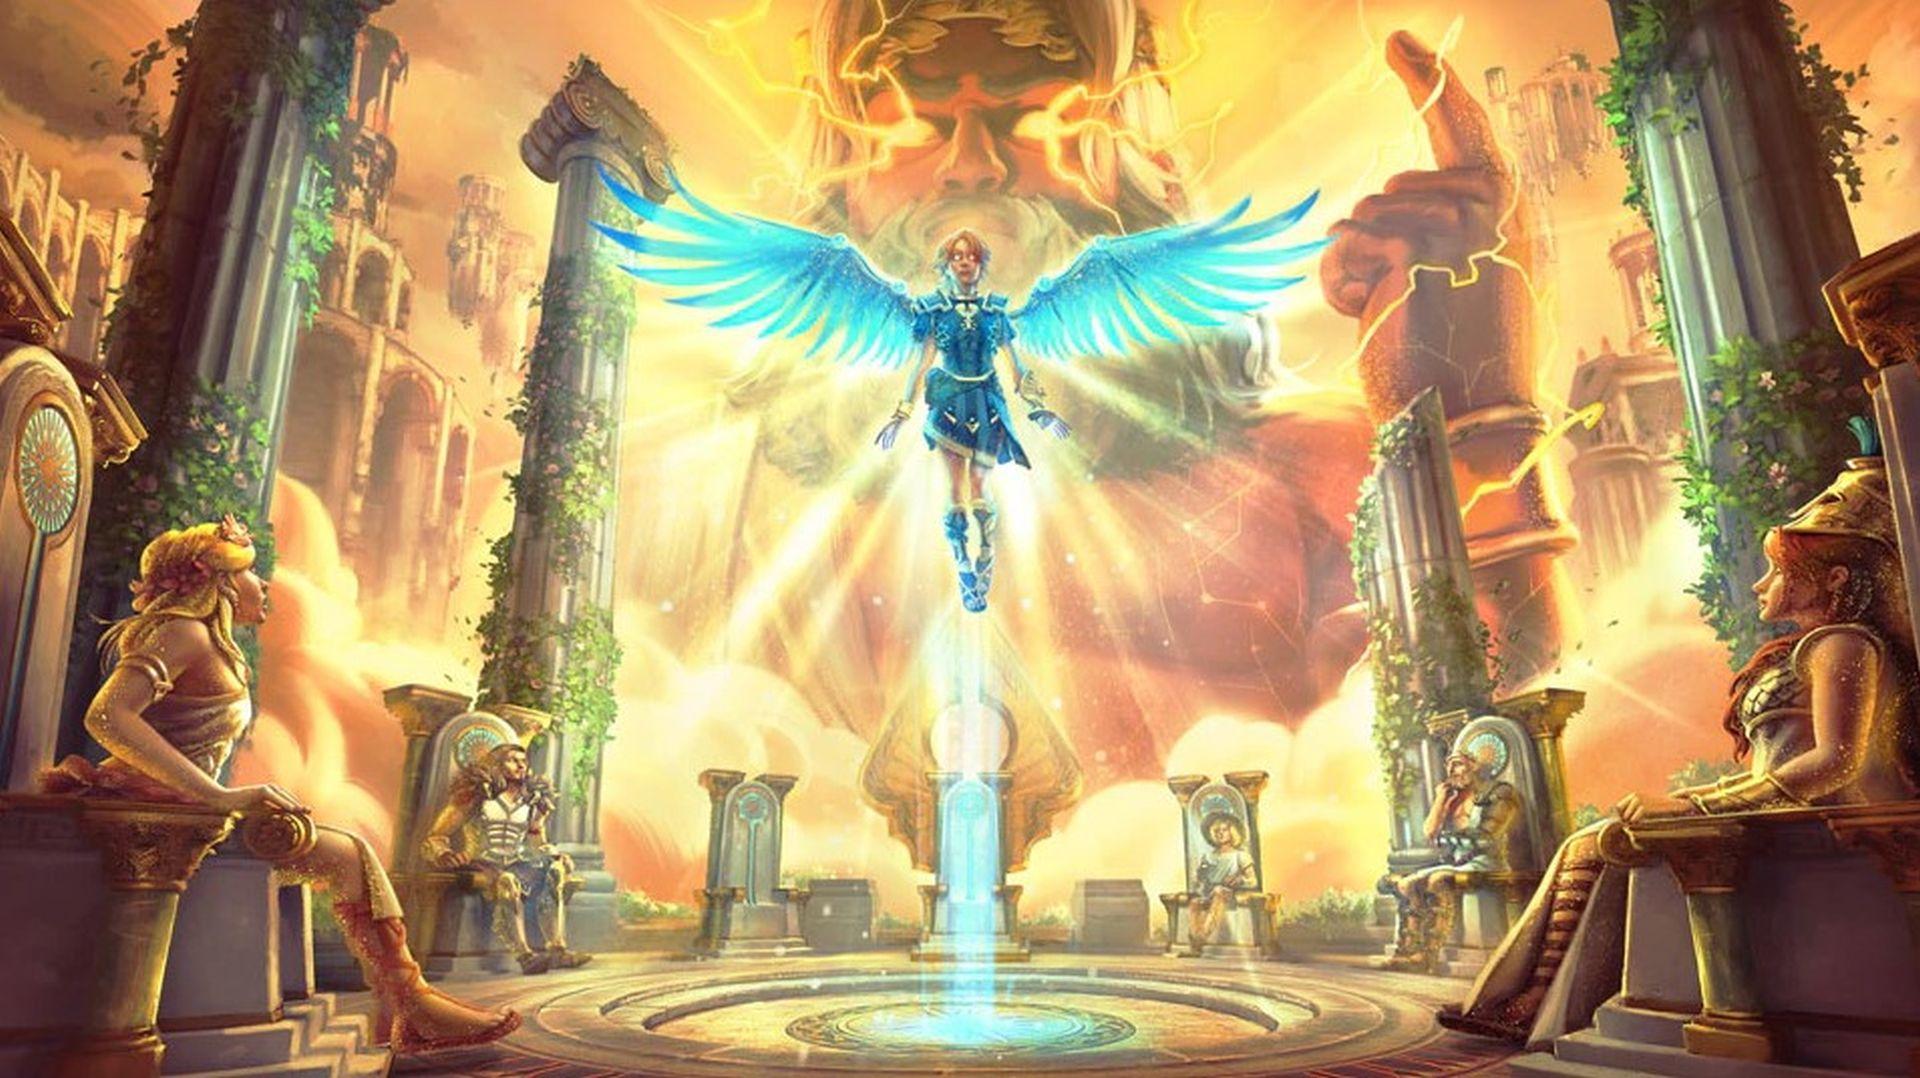 Immortals Fenyx Rising - A New God